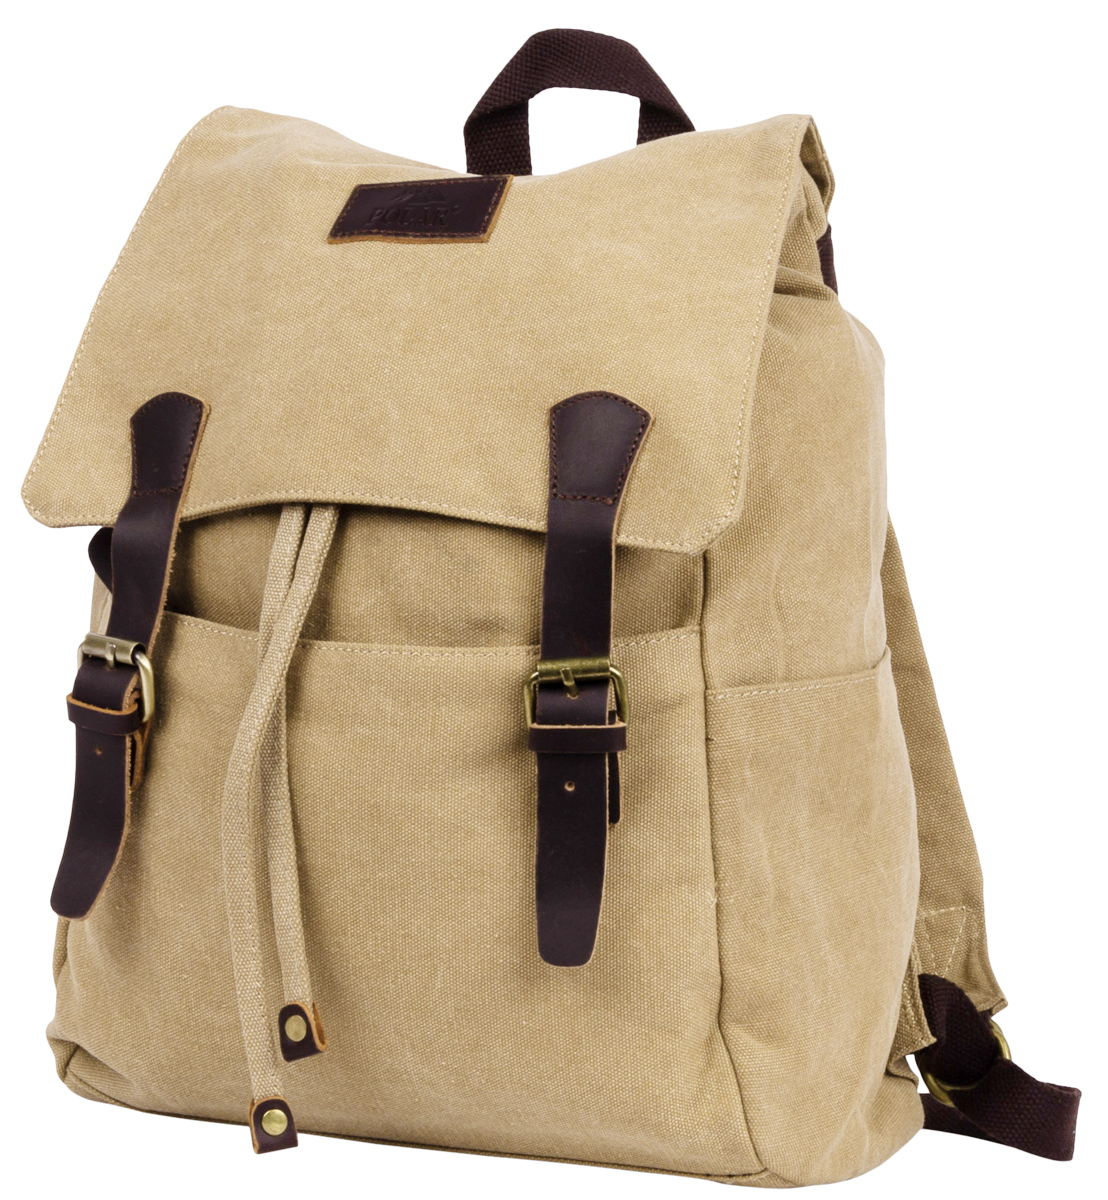 Рюкзак городской Polar Adventure, цвет: бежевый, 18,5 л. п3302-13 рюкзак городской polar 21 л цвет синий п955 04 page 9